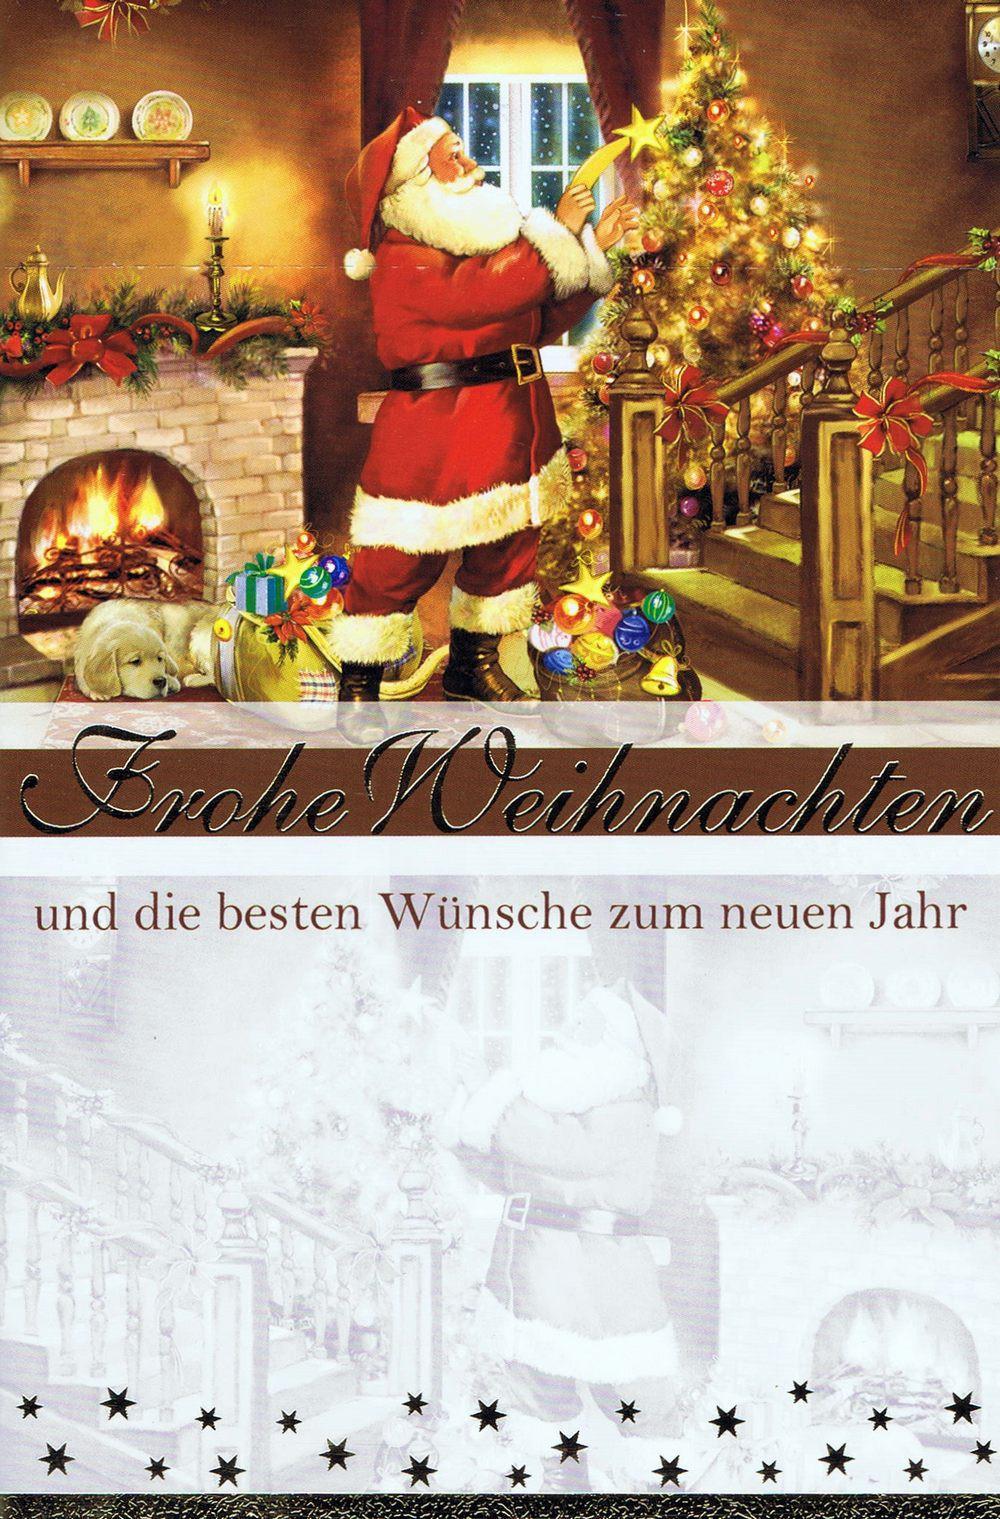 Weihnachtskarte Weihnachtsmann 224303